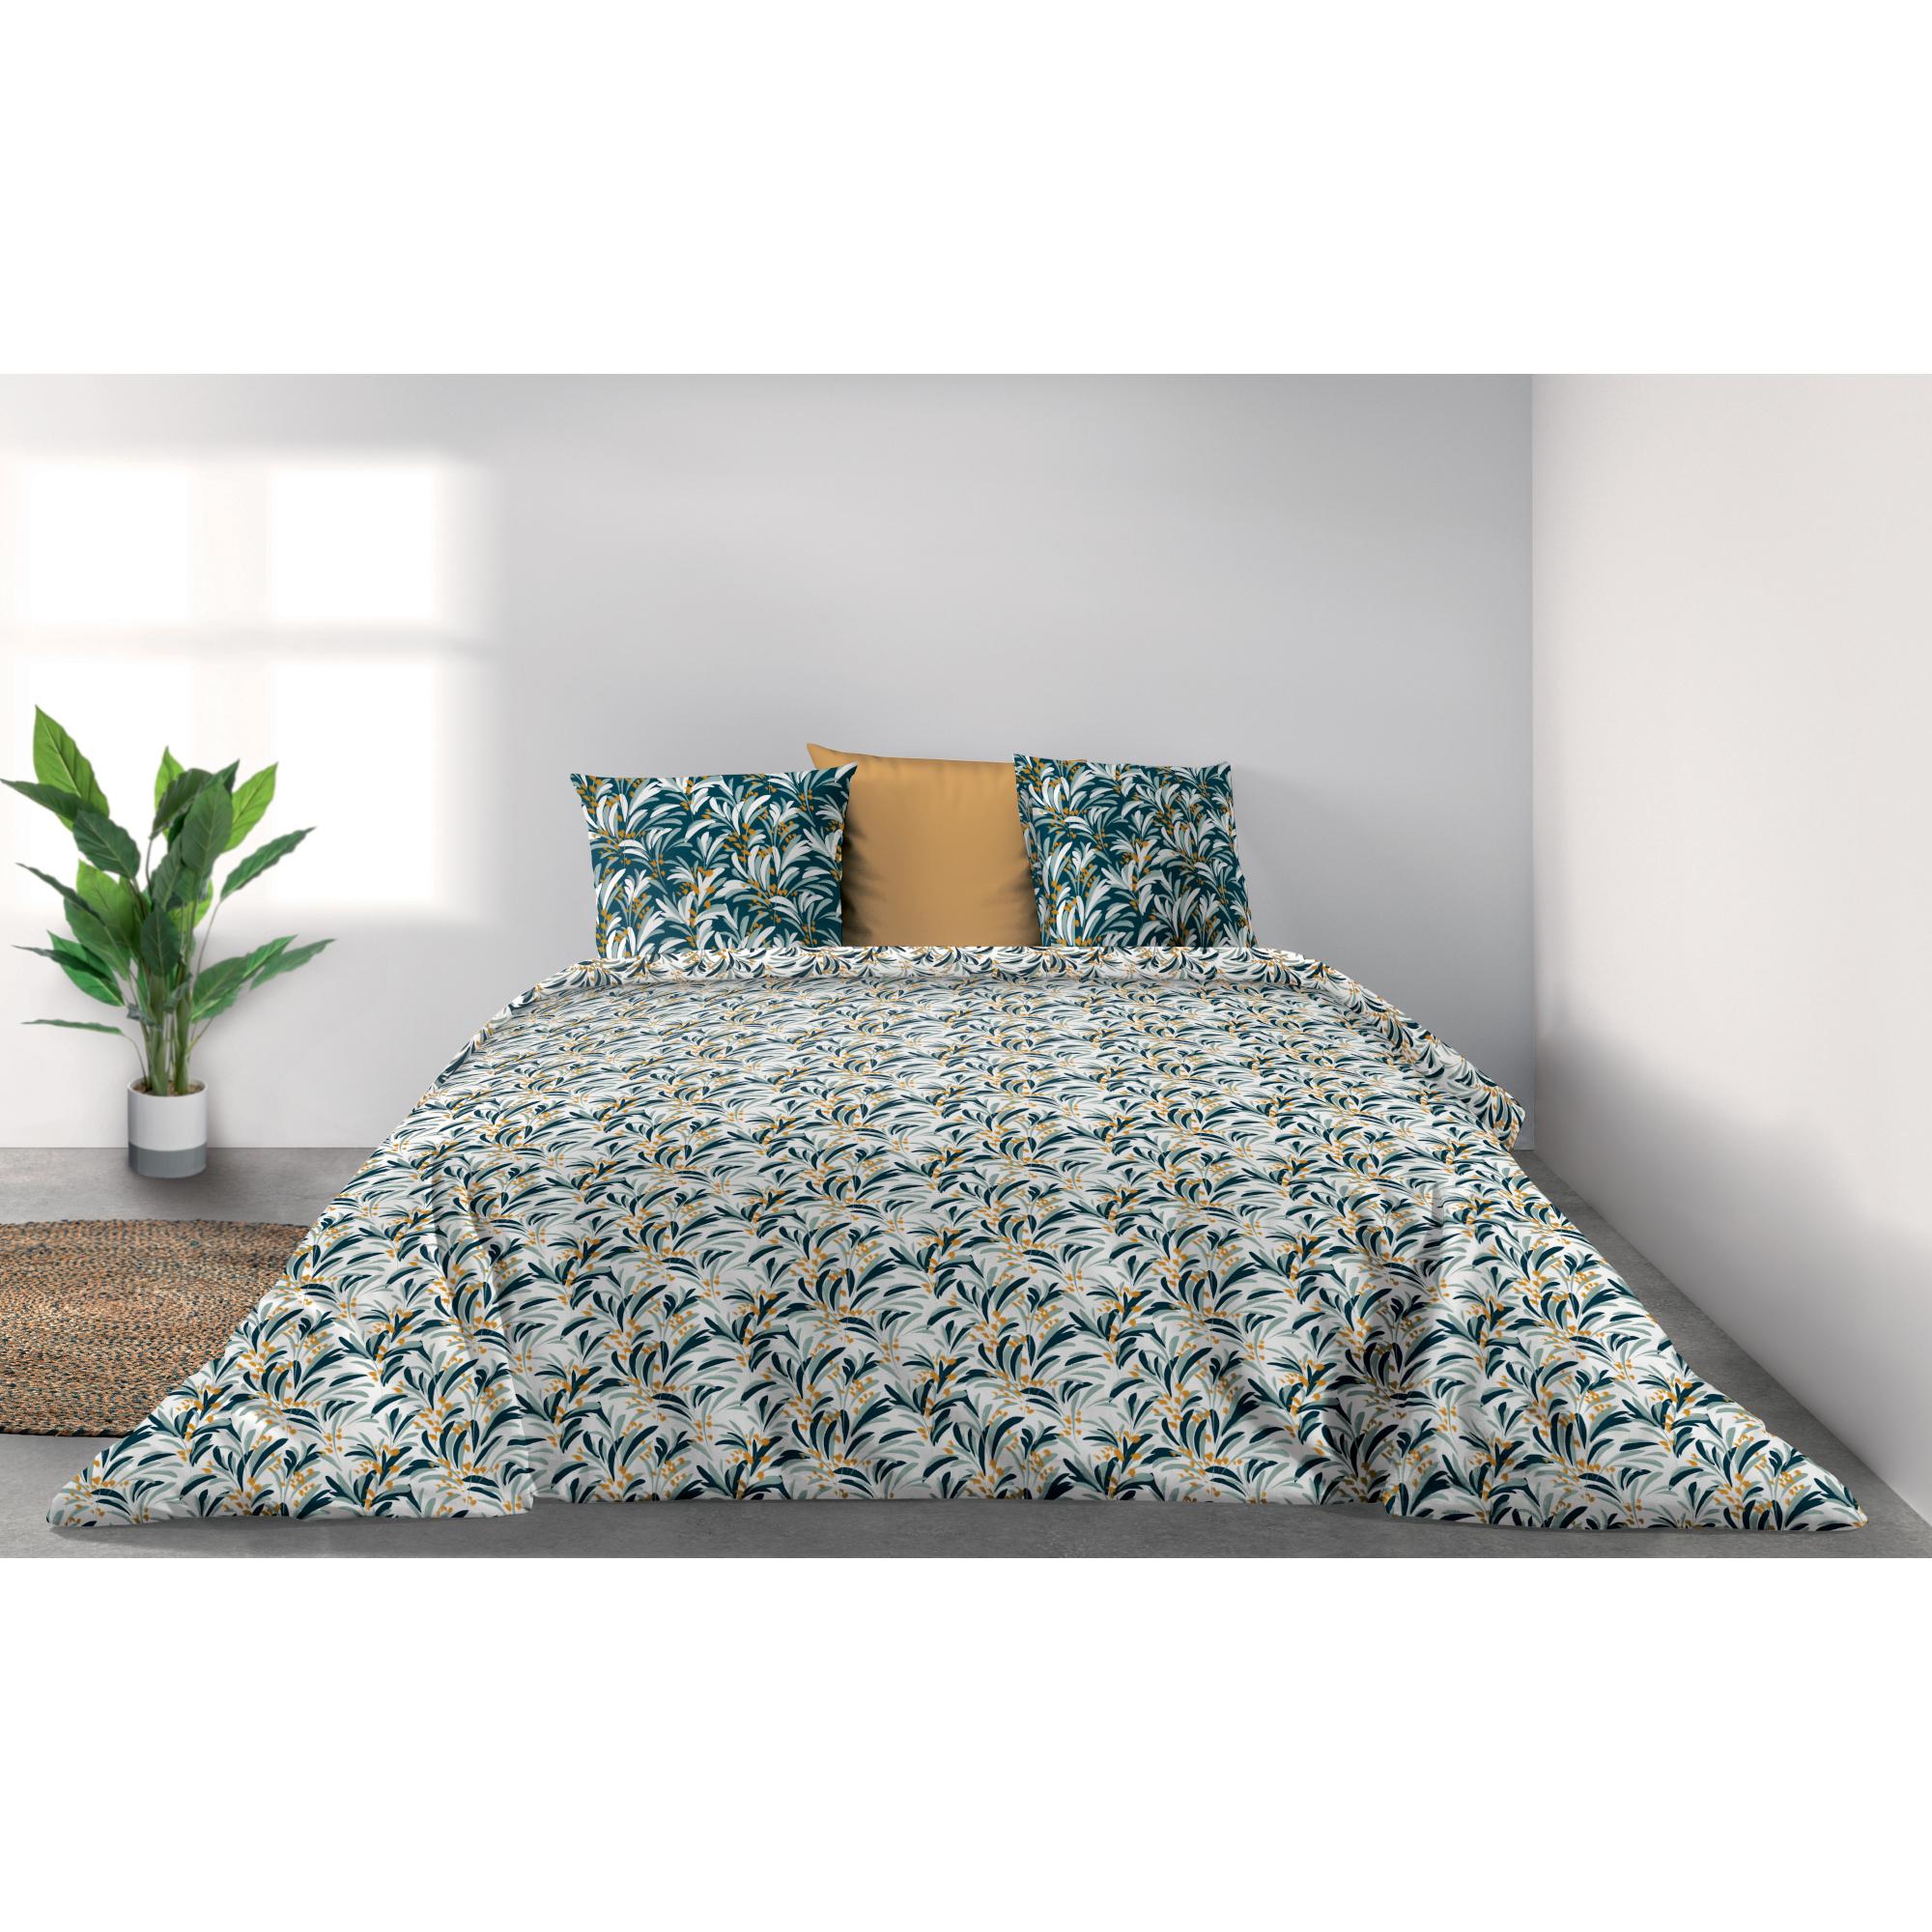 Parure de lit Bio 2 personnes Lola avec housse de couette et taies d'oreiller Imprimé 240 x 220